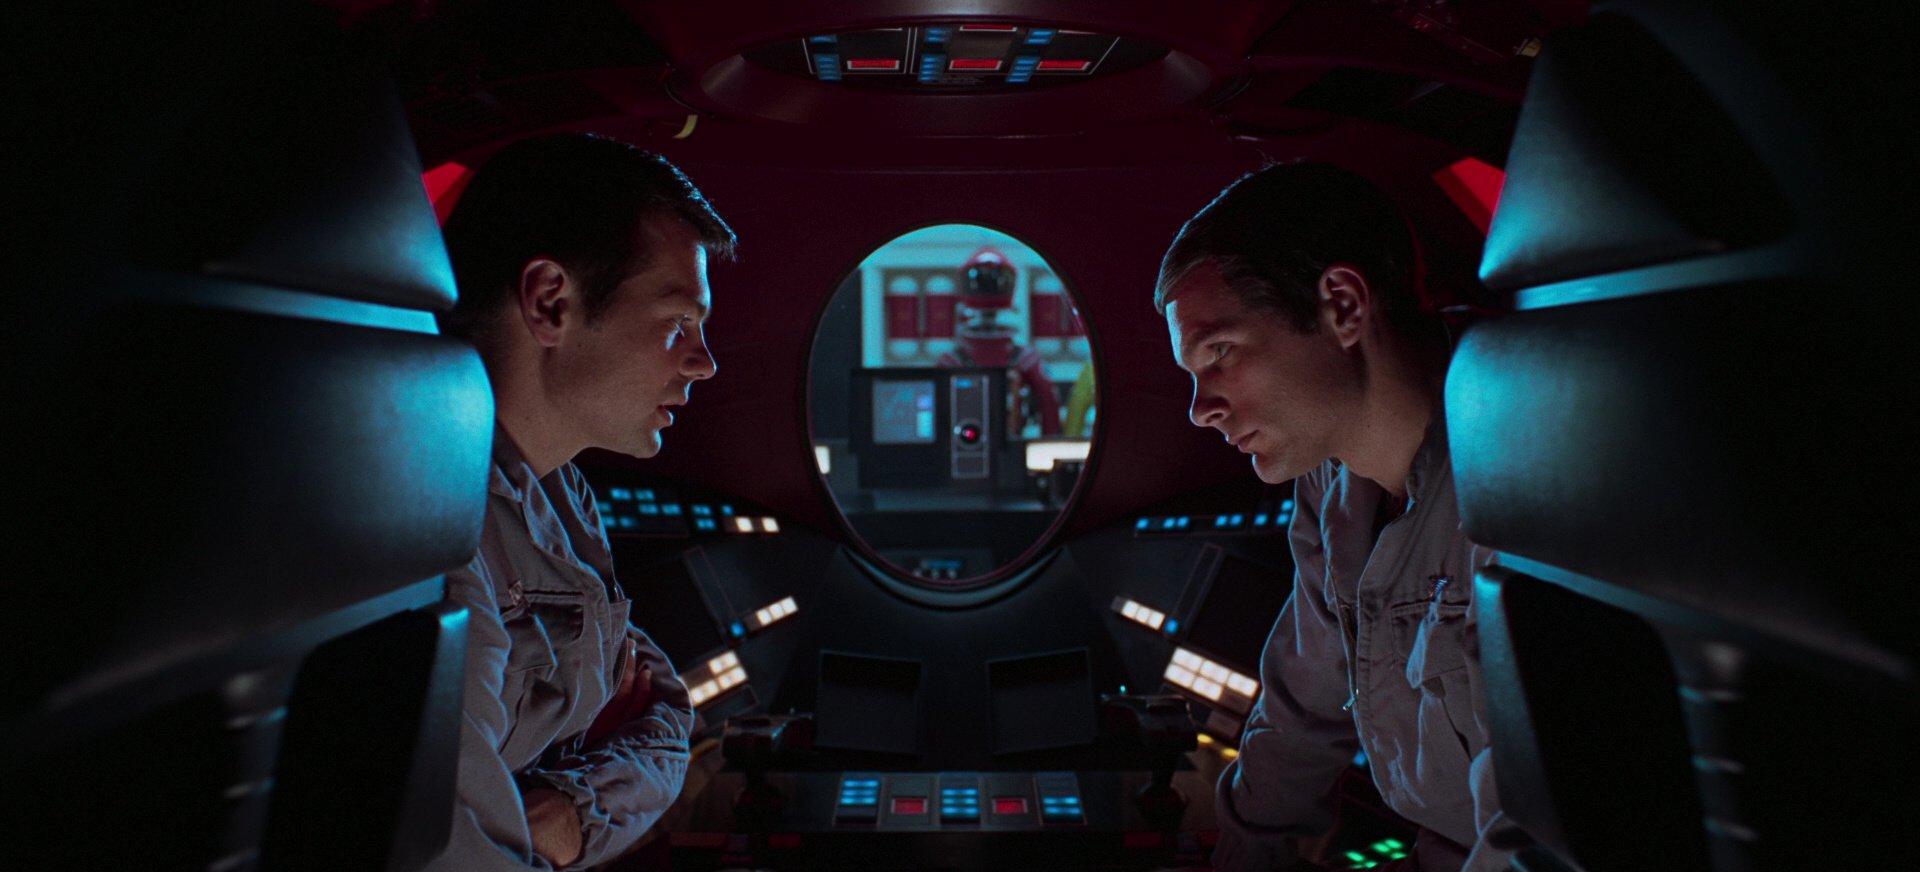 『2001年宇宙の旅』字幕消